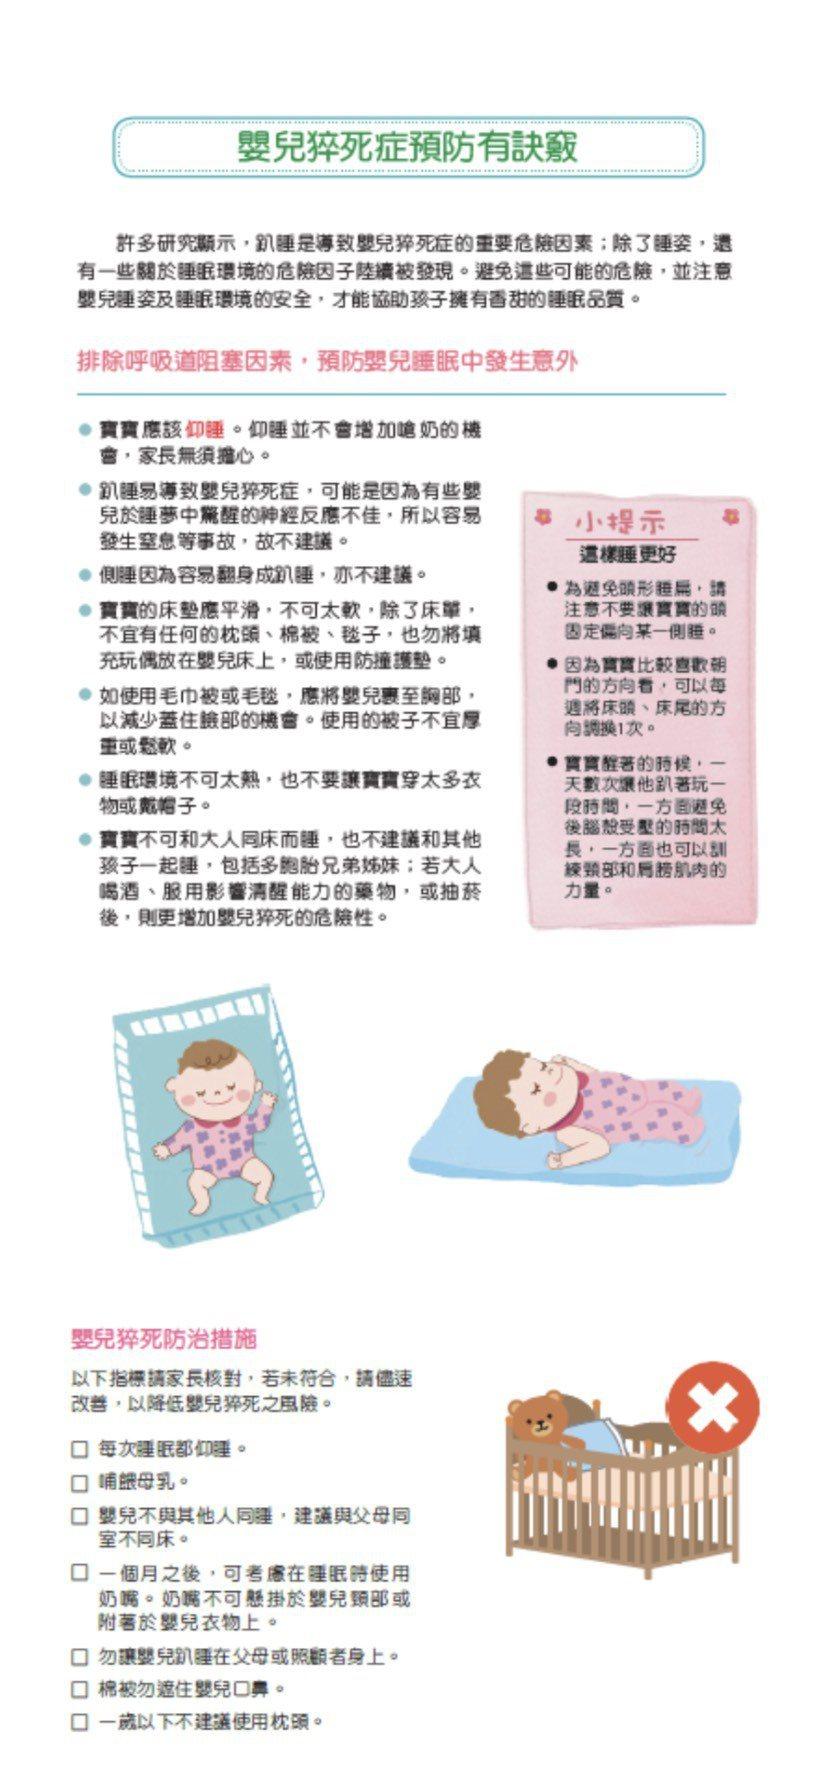 國健署提出寶寶「五招安心睡」供家長參考,讓嬰兒有安全睡眠環境,降低嬰兒猝死及窒息...